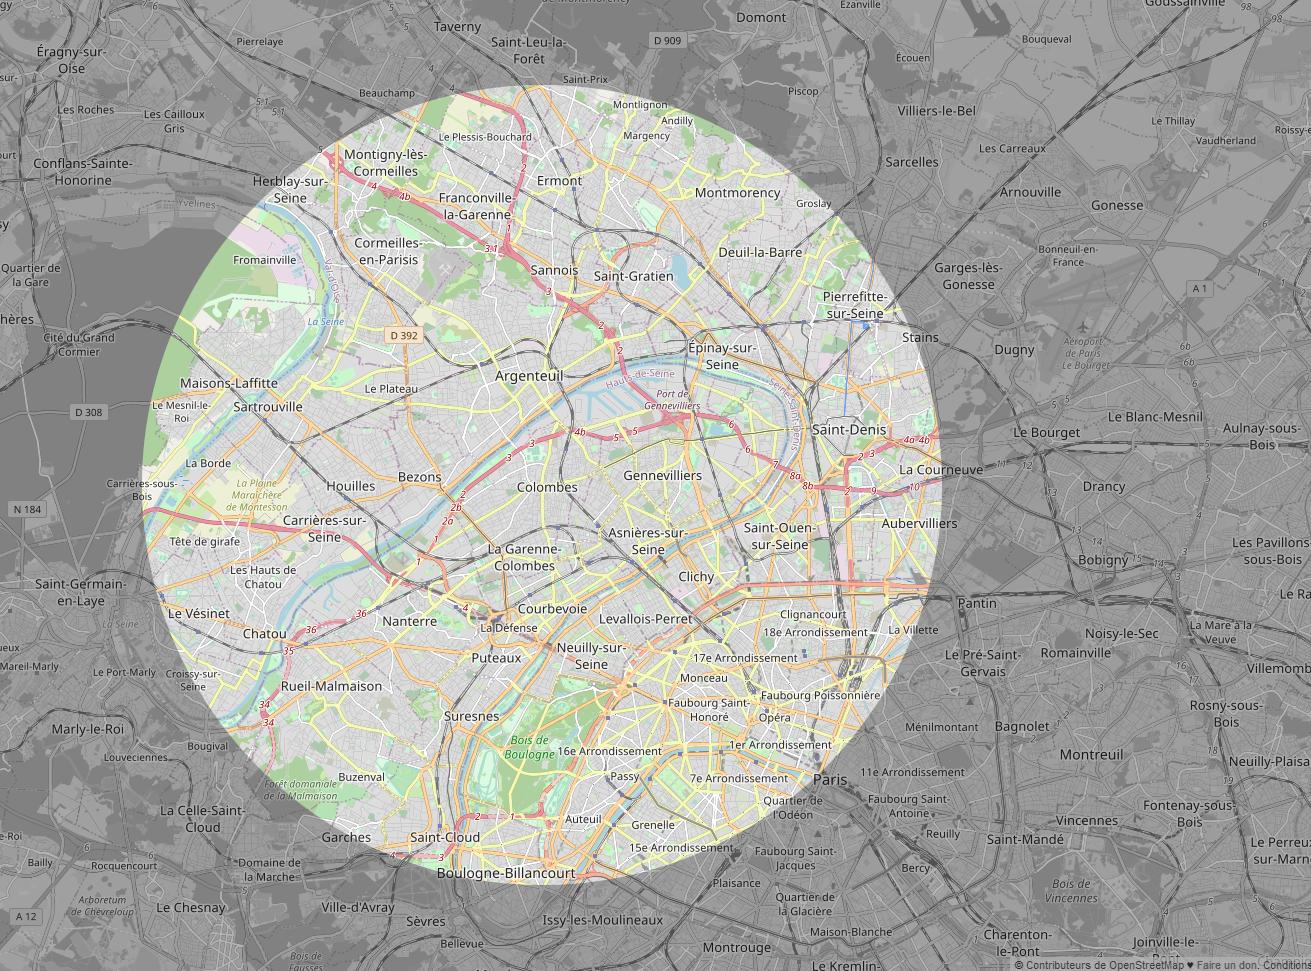 Carte de la limite de 10 kilomètres où je peux faire mon jogging durant le confinement